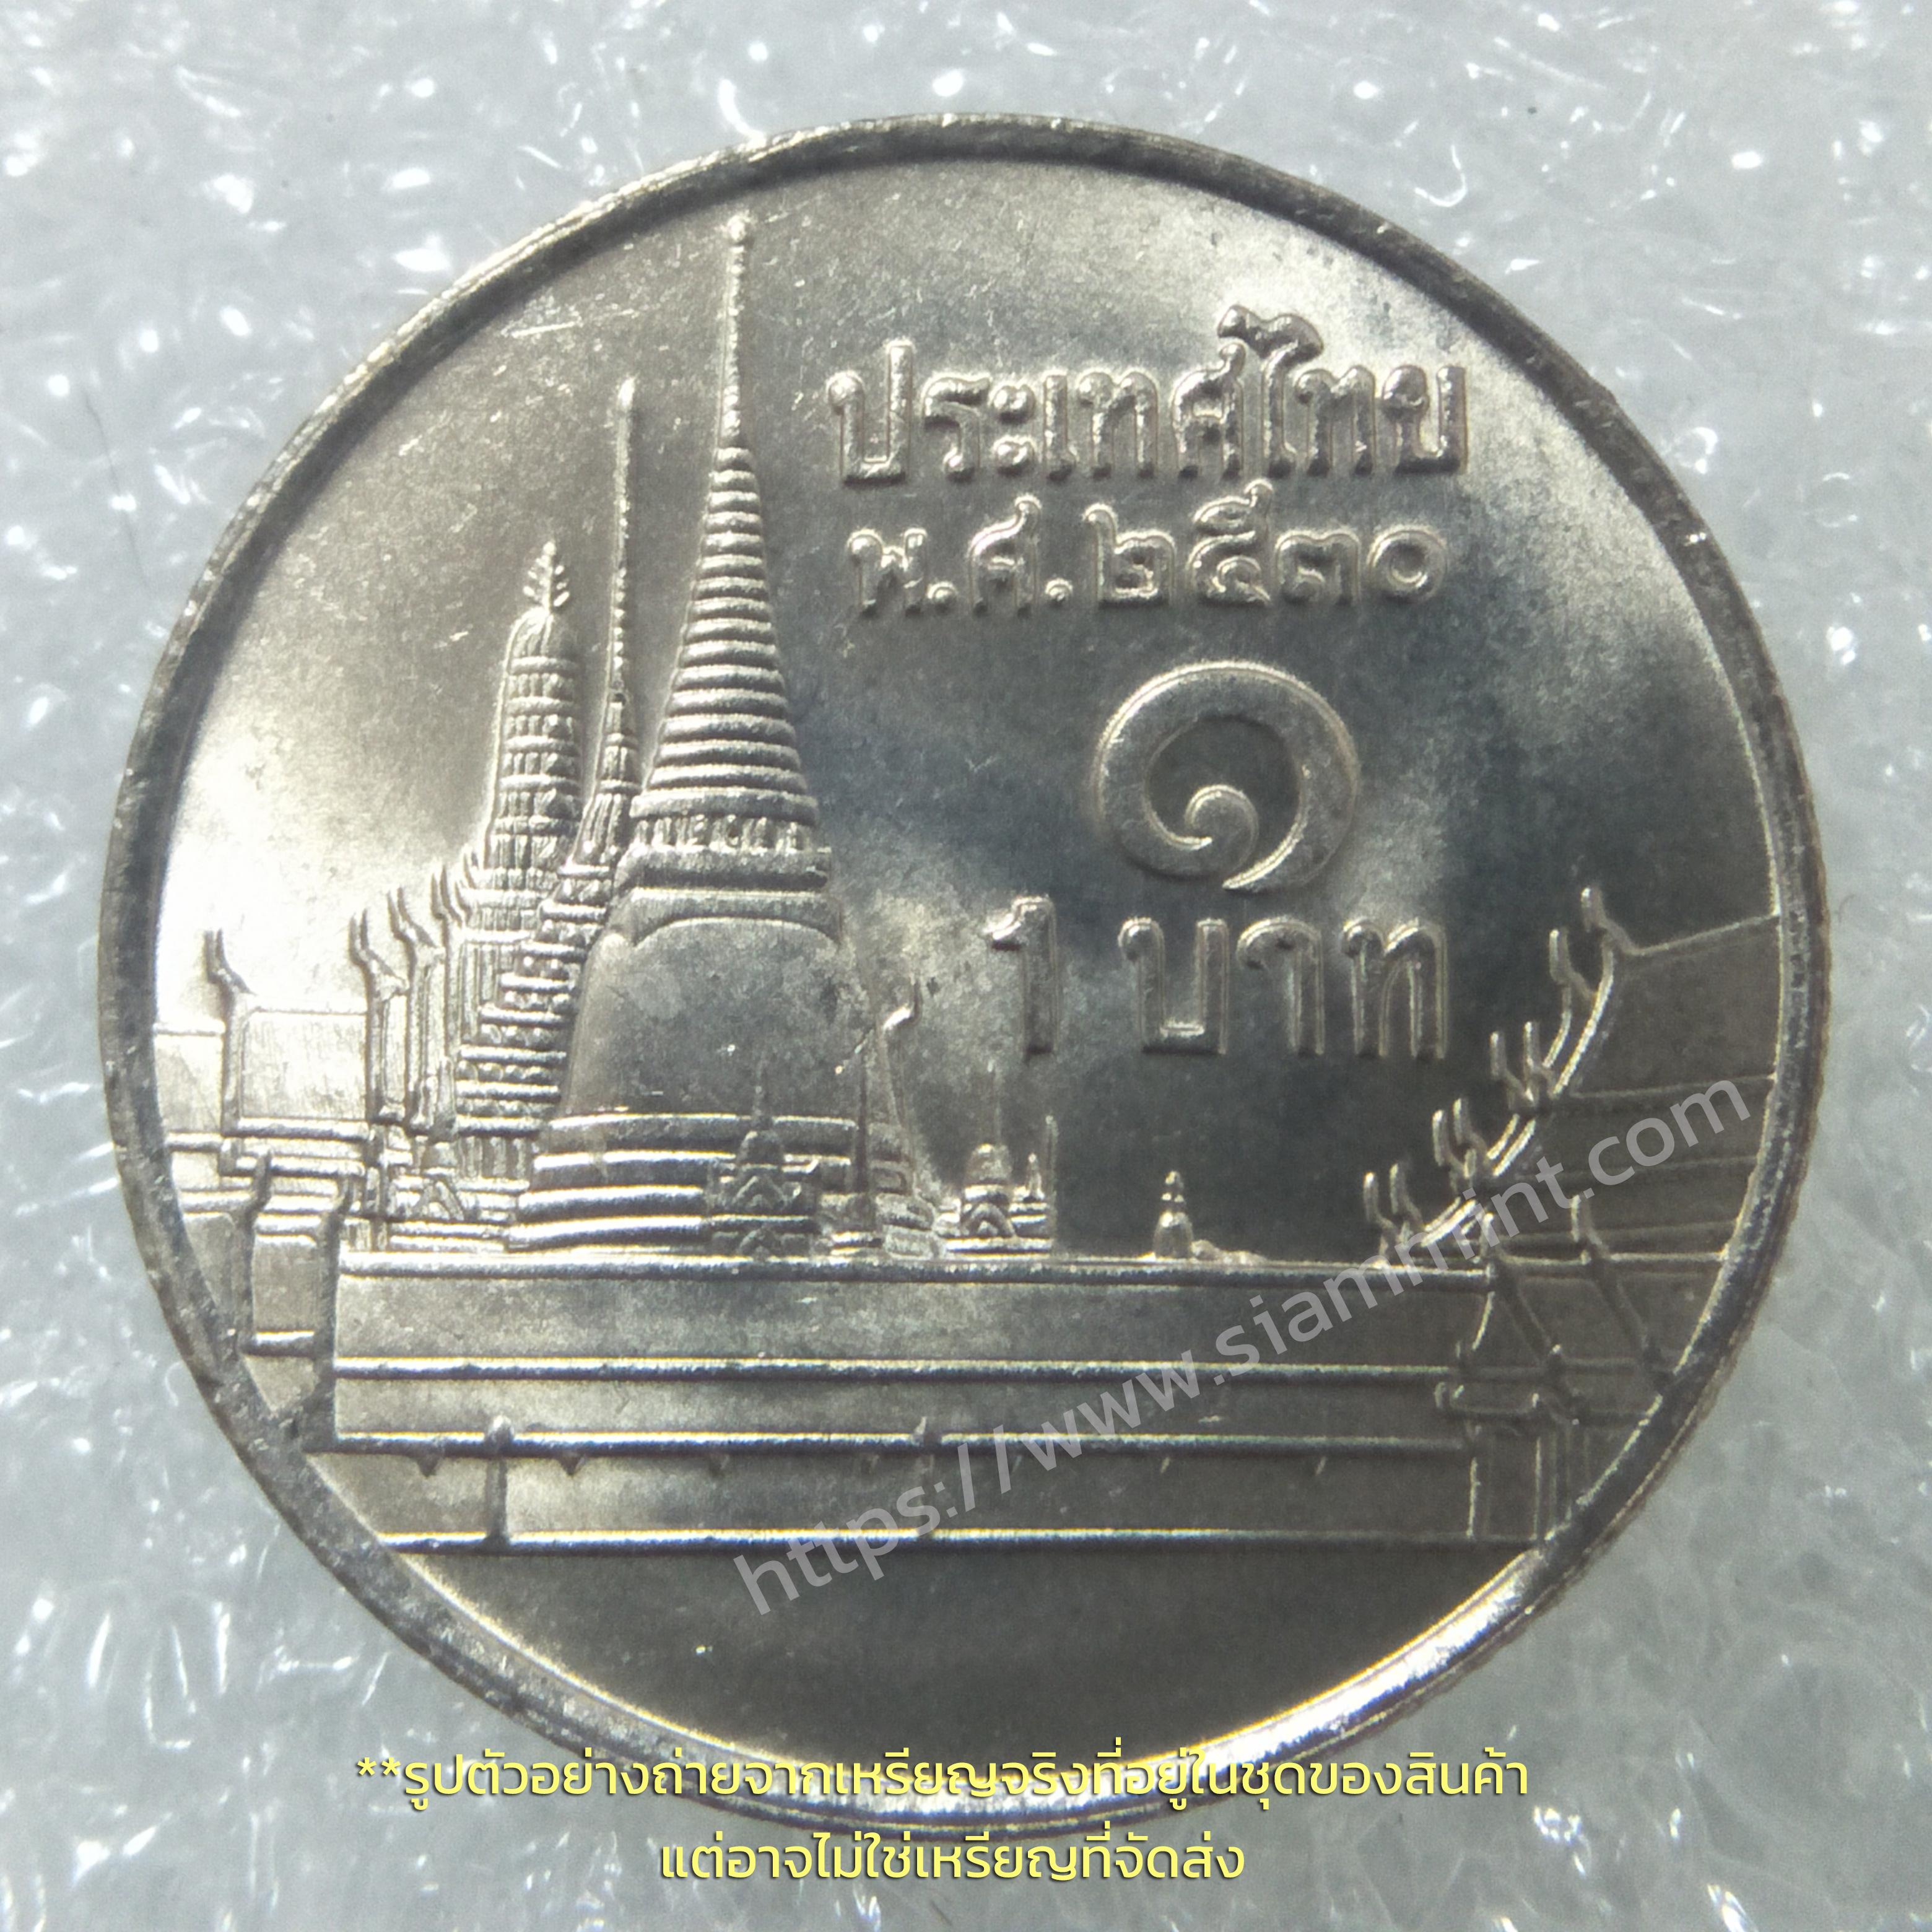 เหรียญ 1 บาท 2530 ไม่ผ่านใช้ UNC